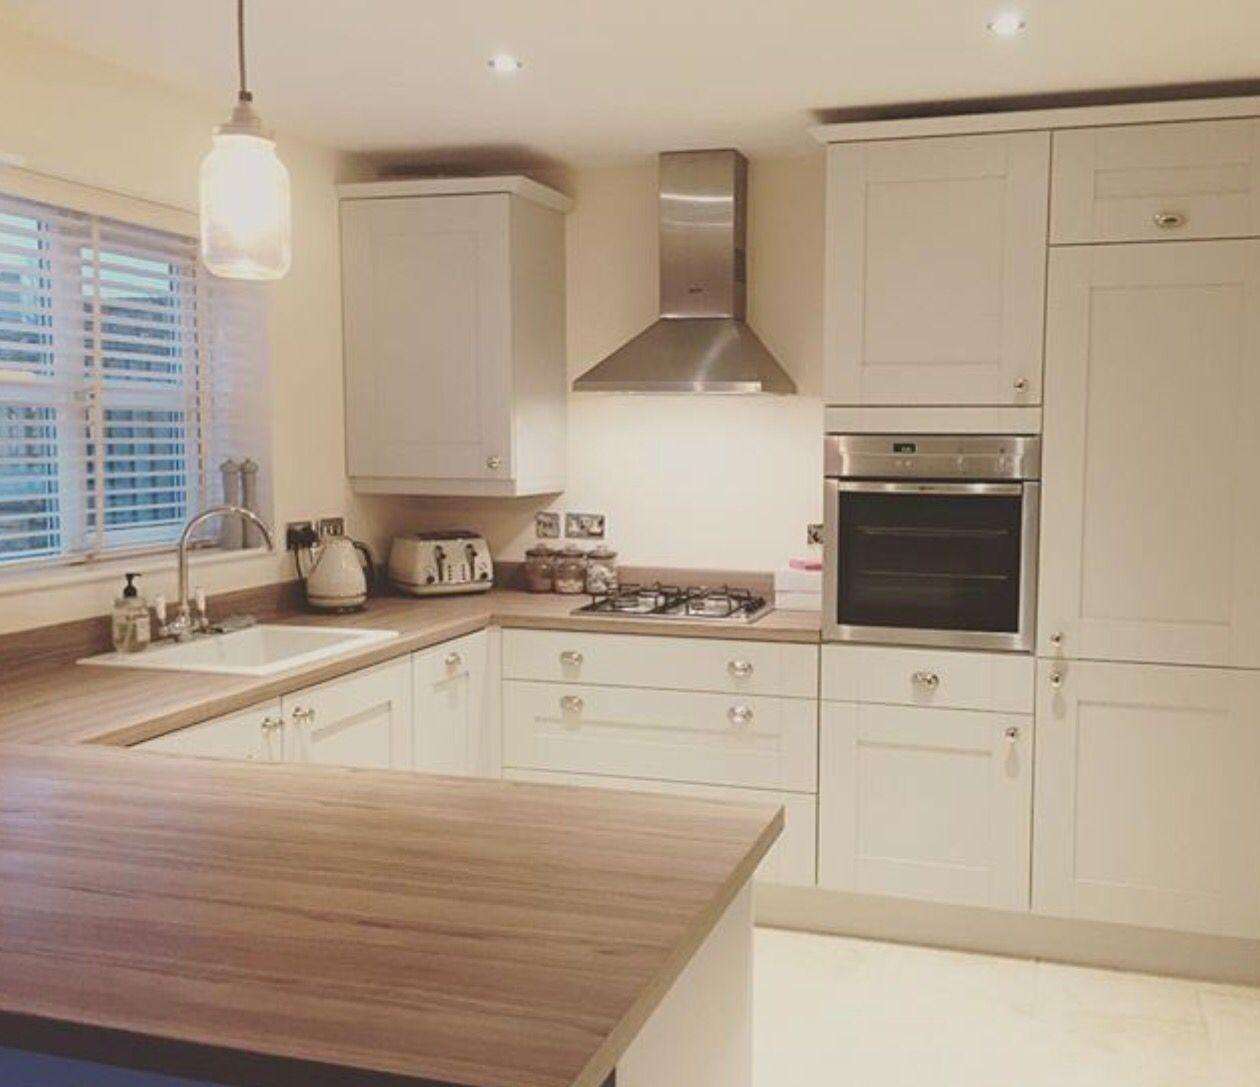 Sockelleiste als Deckenabschluss  Modern kitchen room, Kitchen